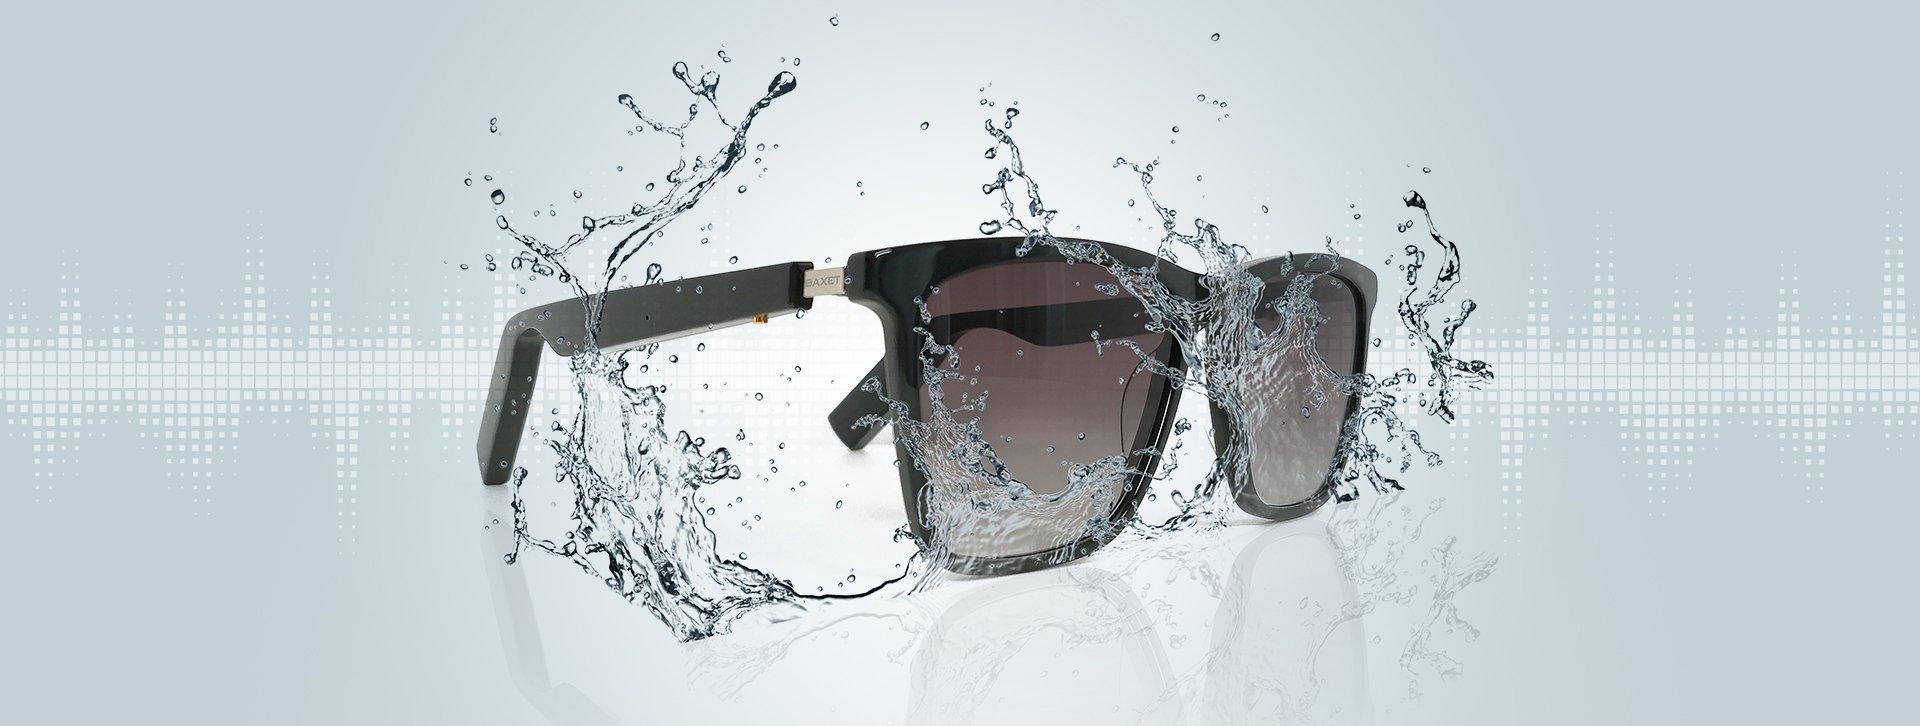 baxet eyewear x10 occhiali bluetooth